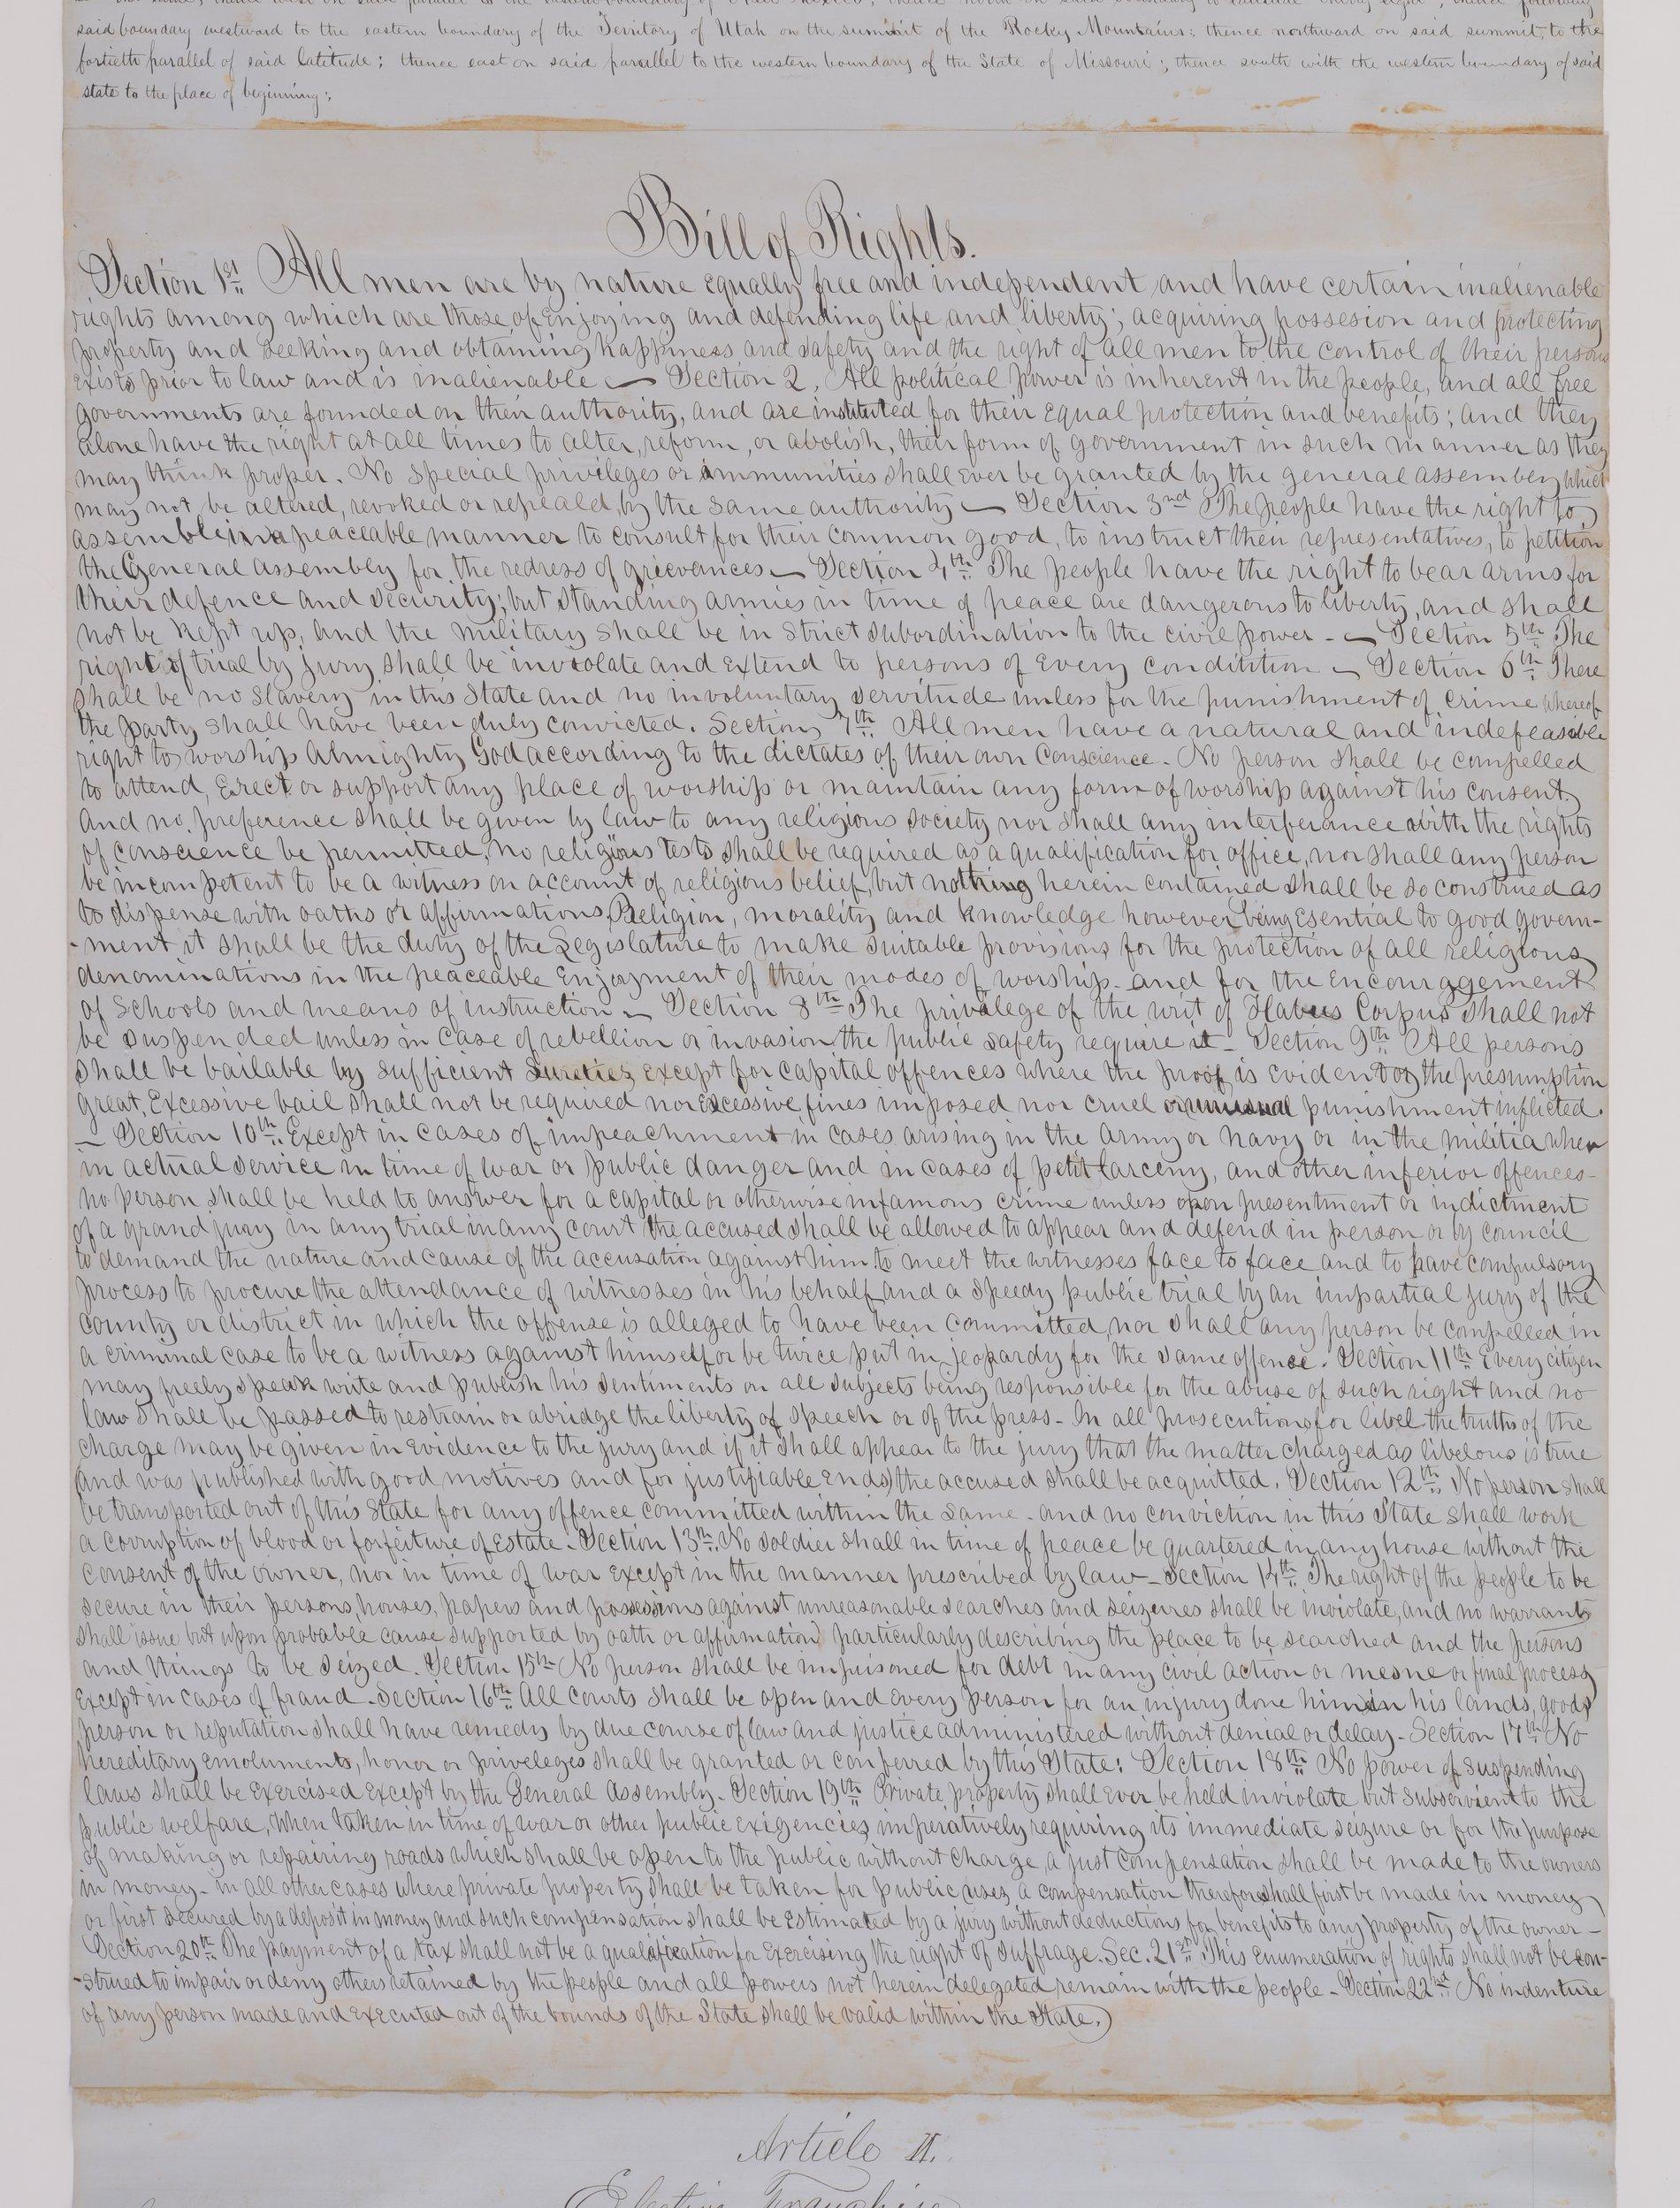 Leavenworth Constitution - 2